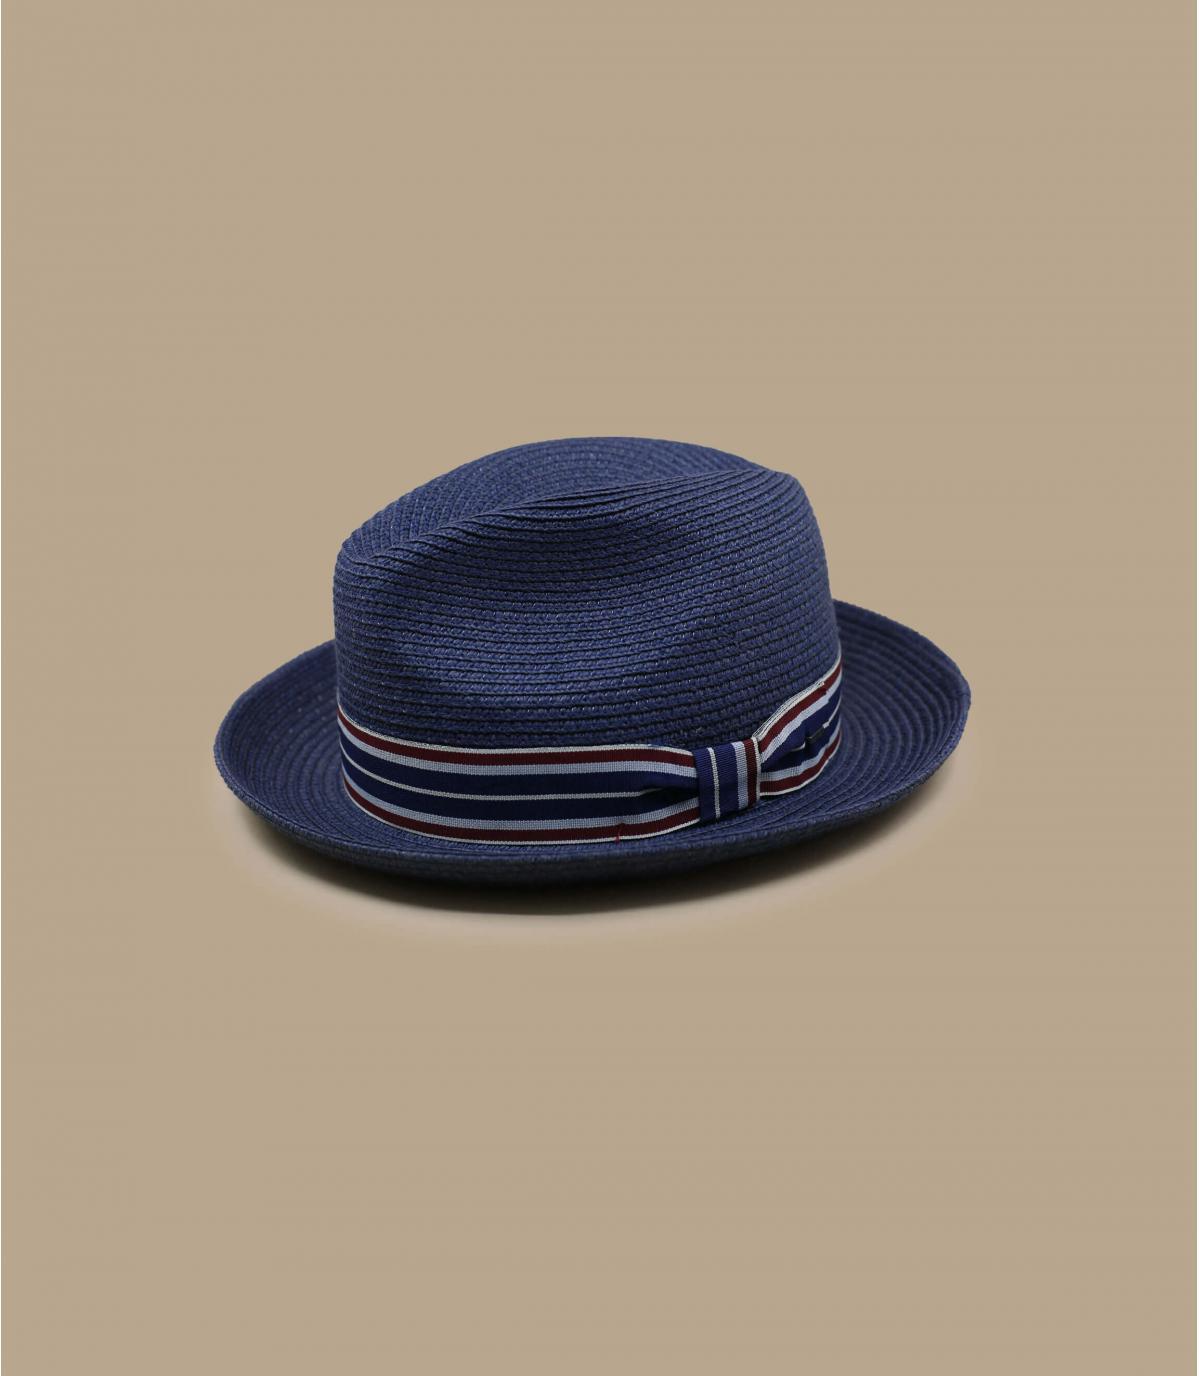 chapeau paille bleu marine Bailey